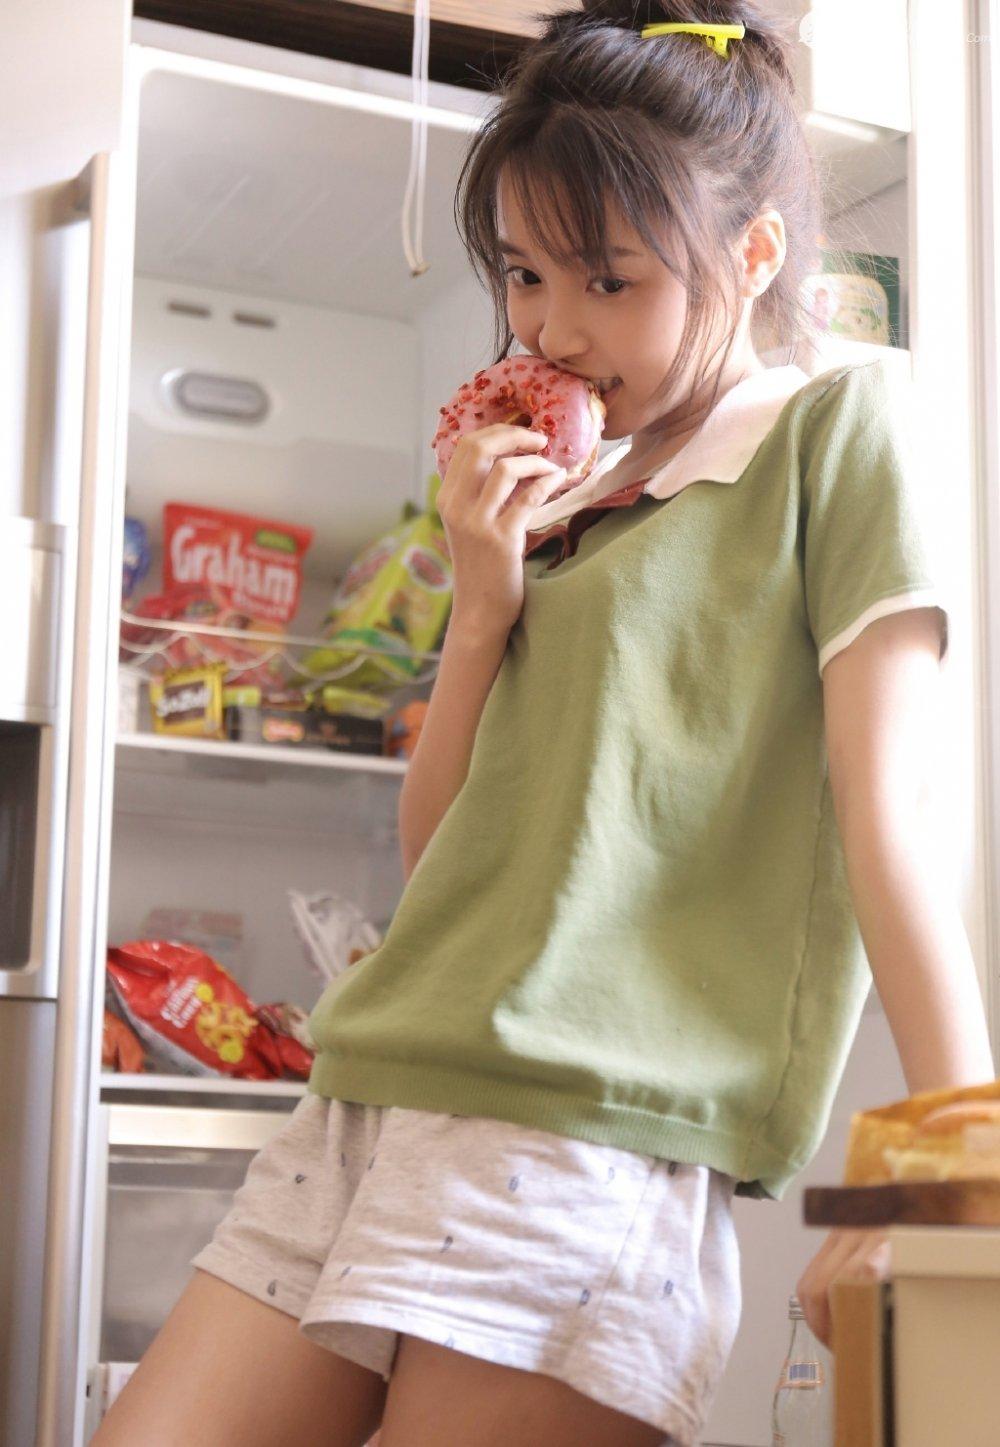 青澀迷人甜甜圈美少女居家私房寫真